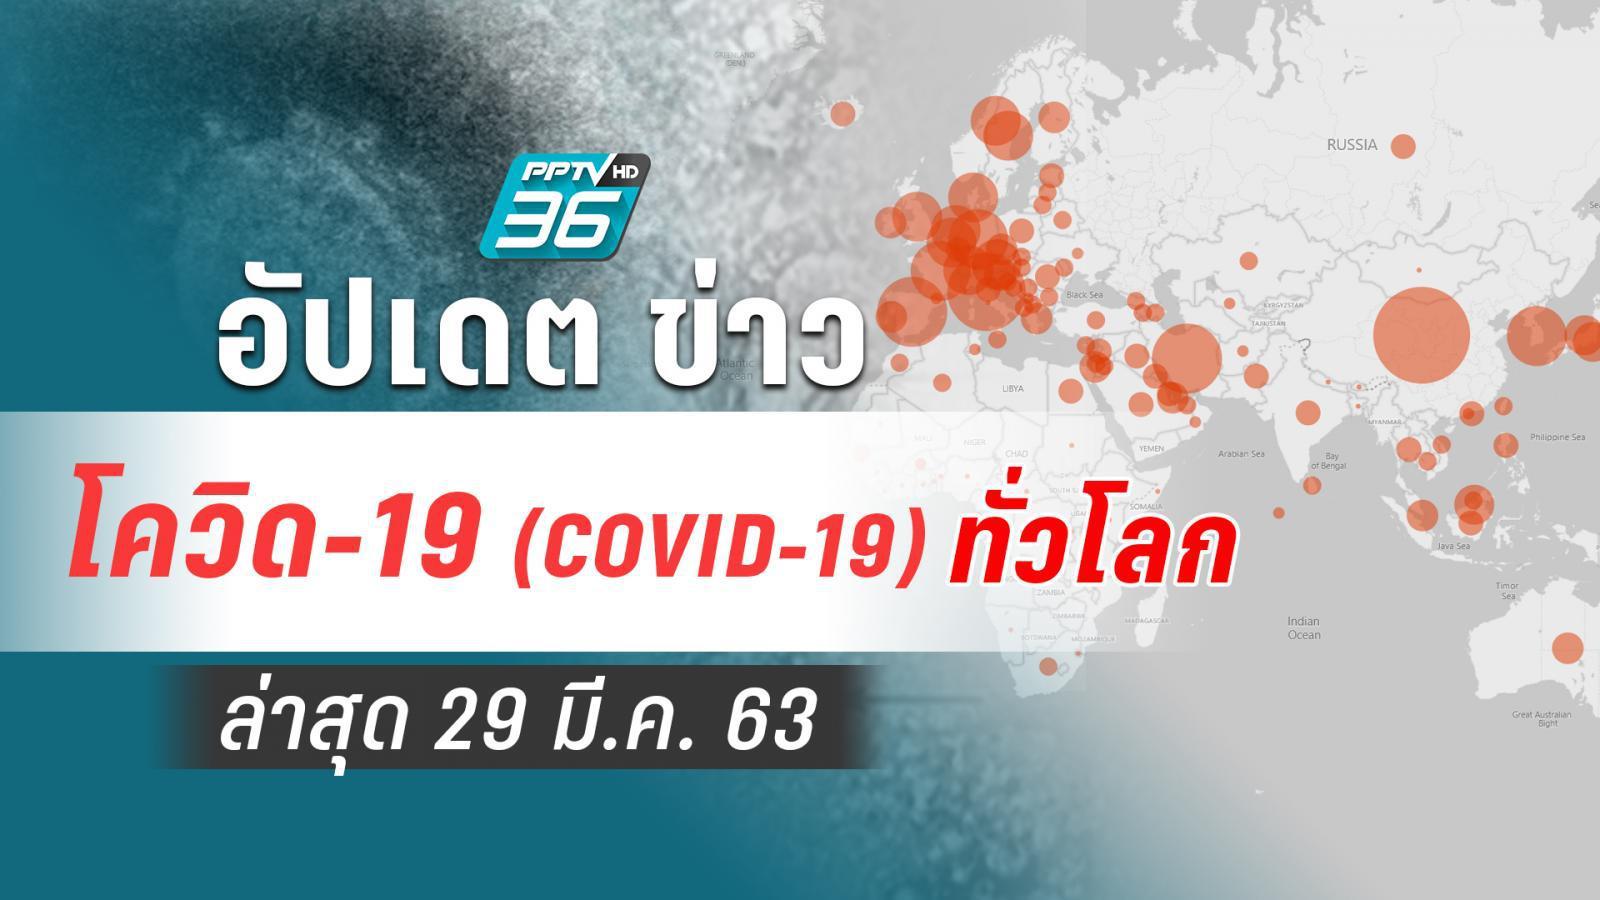 อัปเดตข่าว สถานการณ์ โควิด-19 ทั่วโลก ล่าสุด 29 มี.ค.63